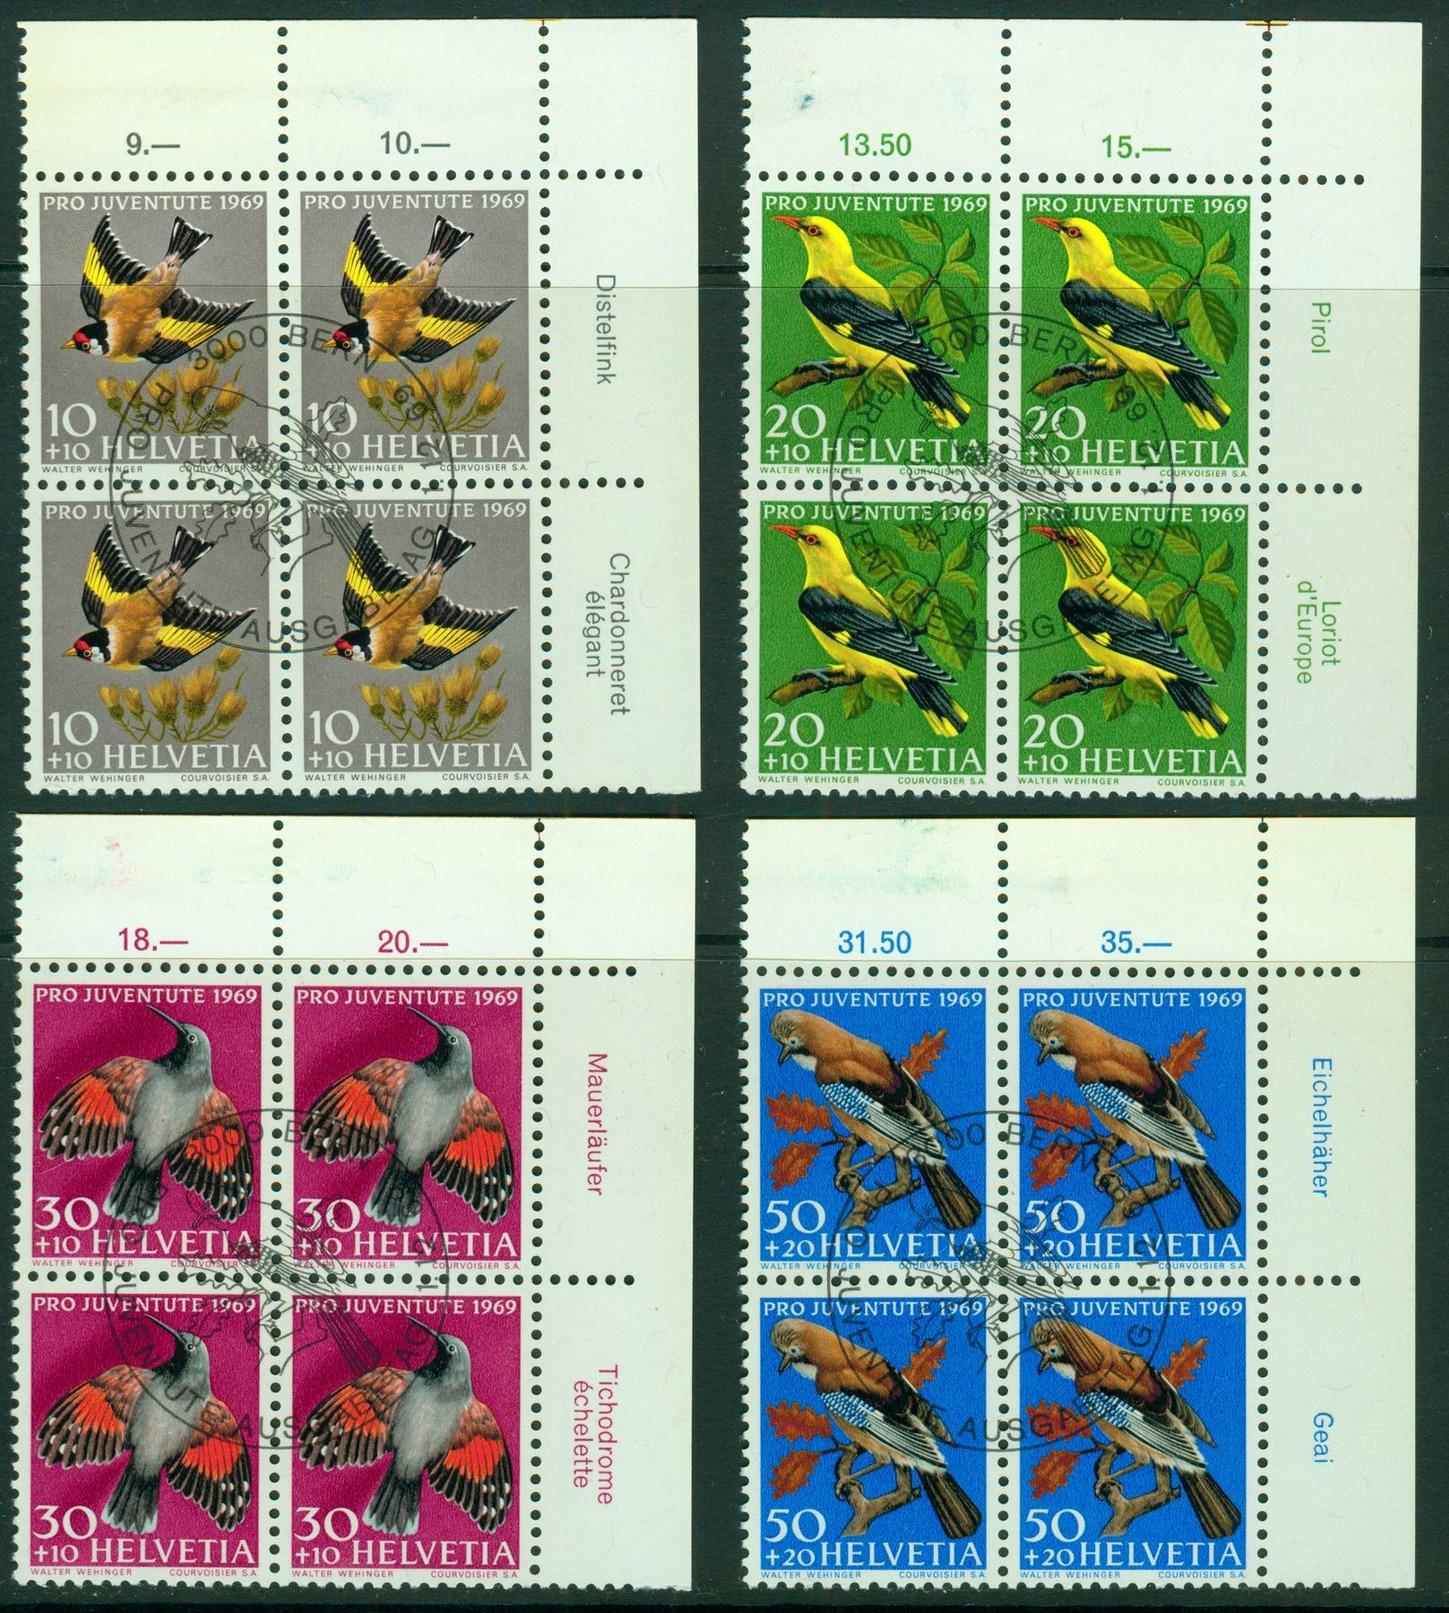 Pro Juventute 1969 Eckrandviererblocke Mit Erstagsstempeln Nr. 914 - 917 - Gebraucht